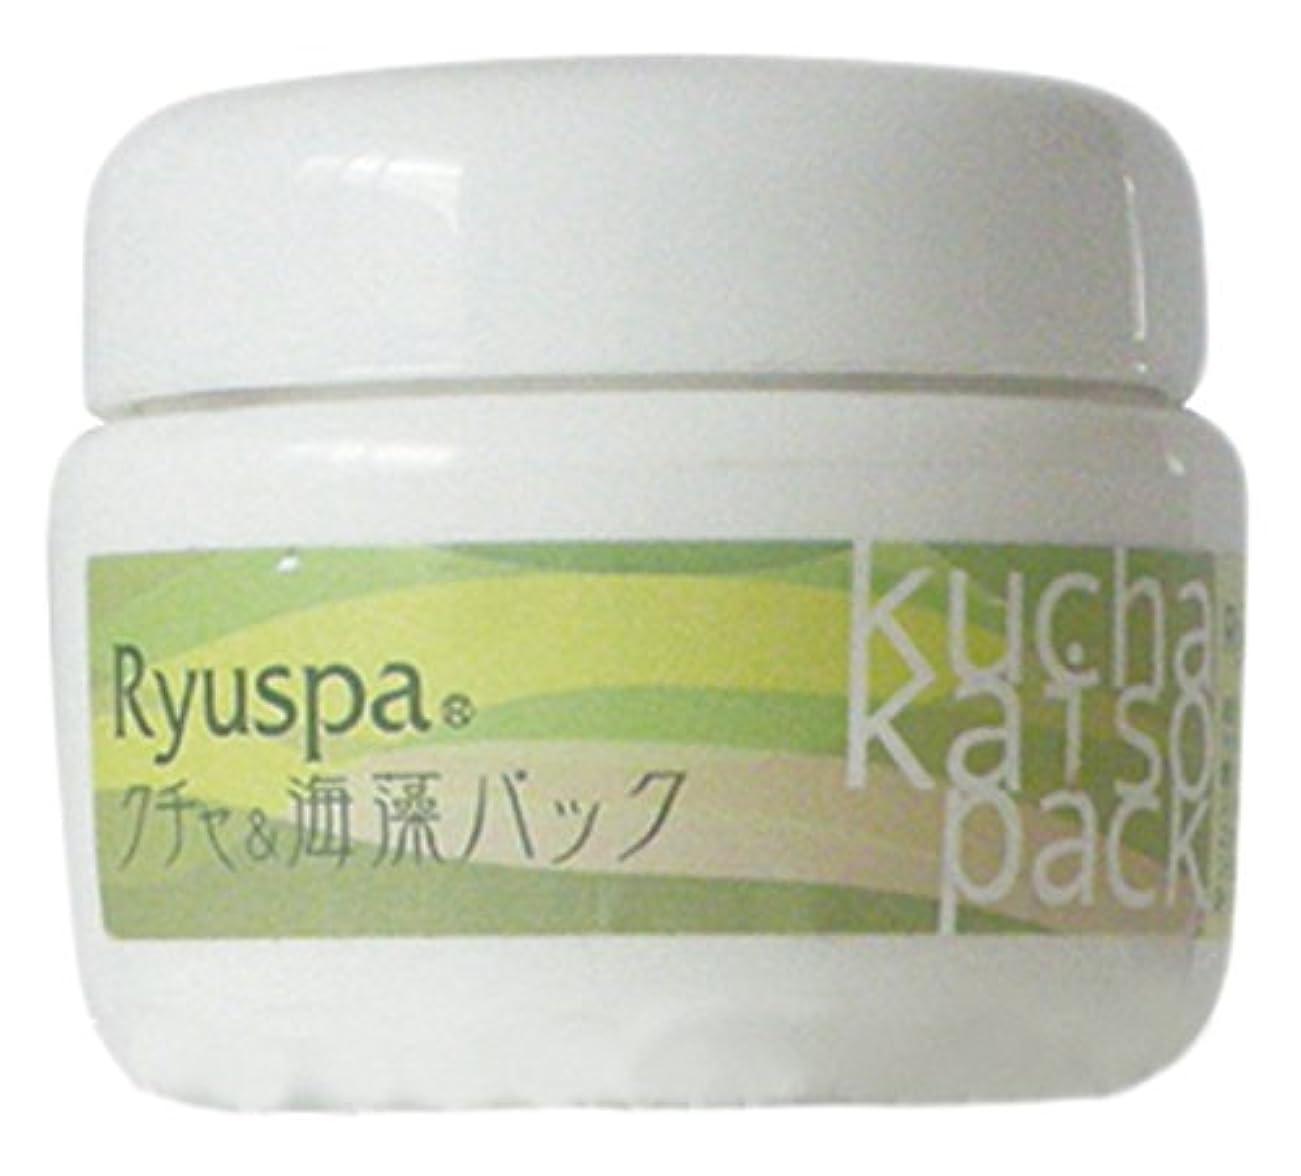 レキシコン誇りリスRyuspa(琉スパ) クチャ&海藻パック30g